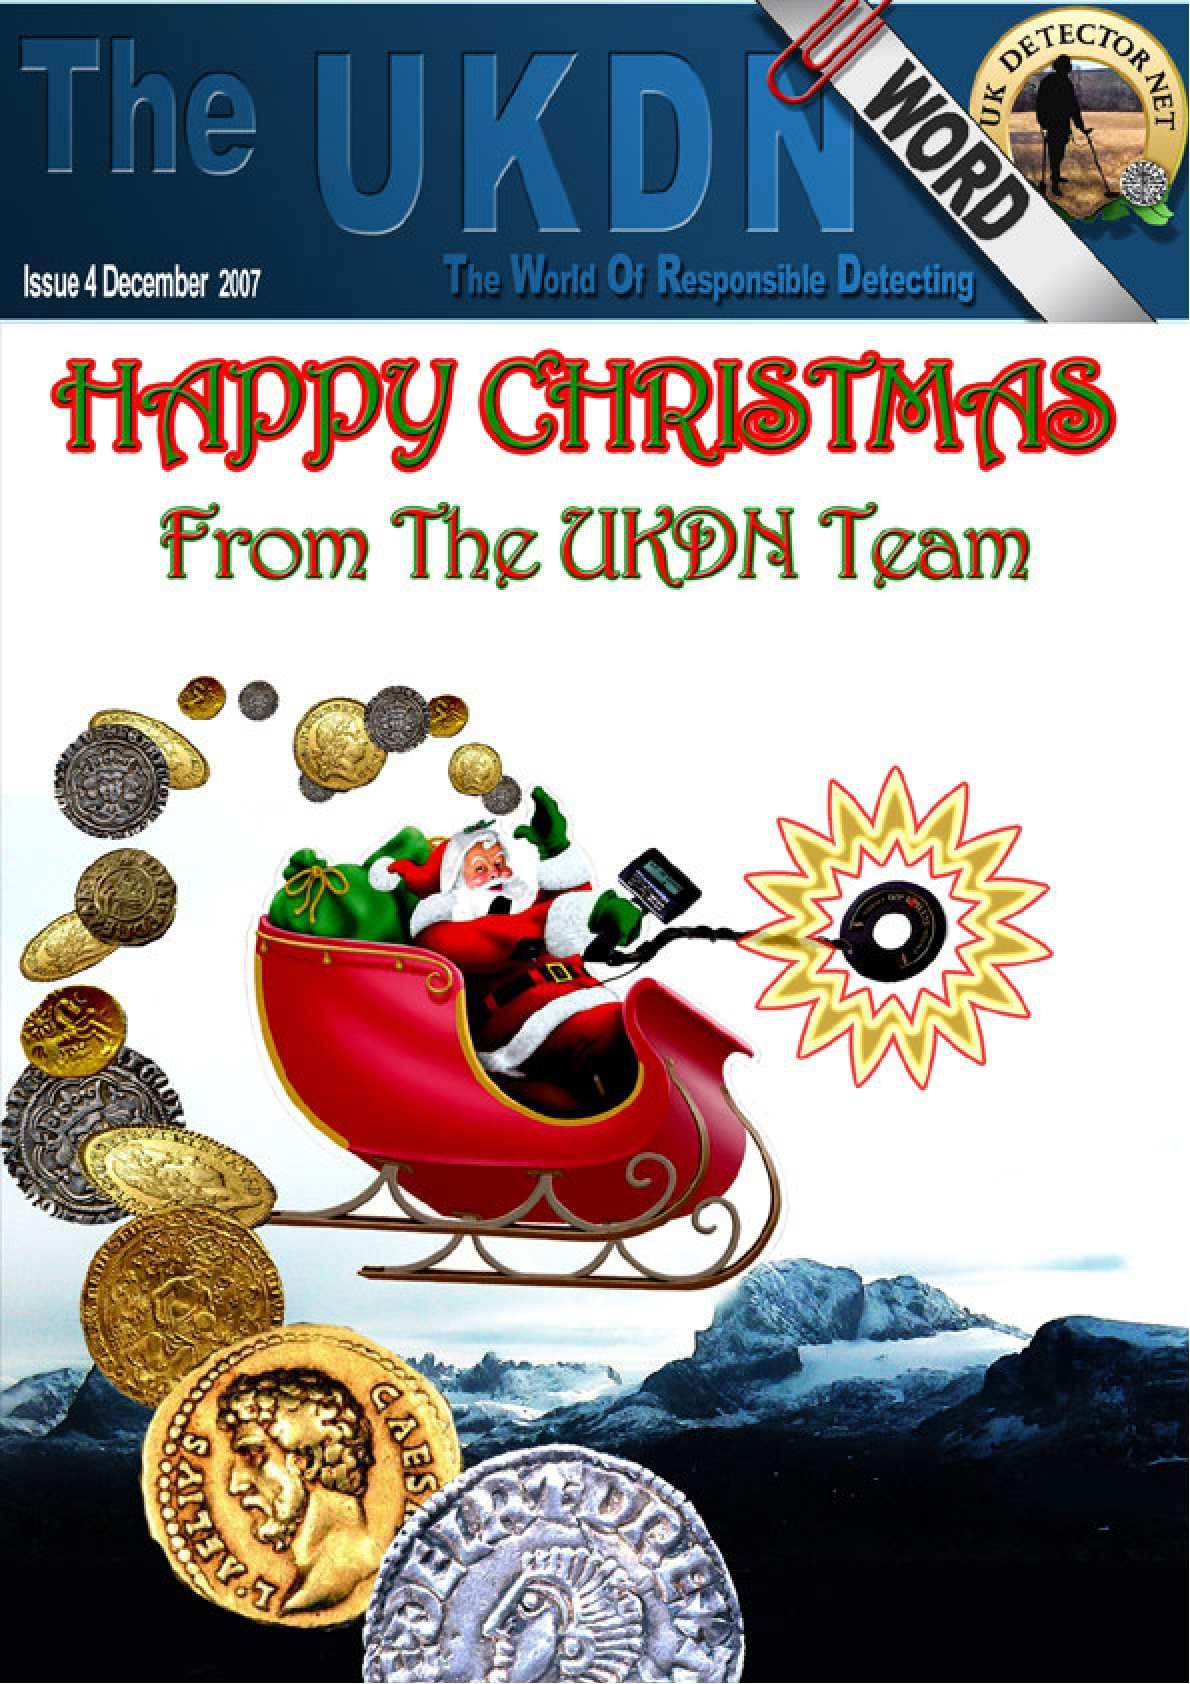 UKDN Word Issue 4 December 2007